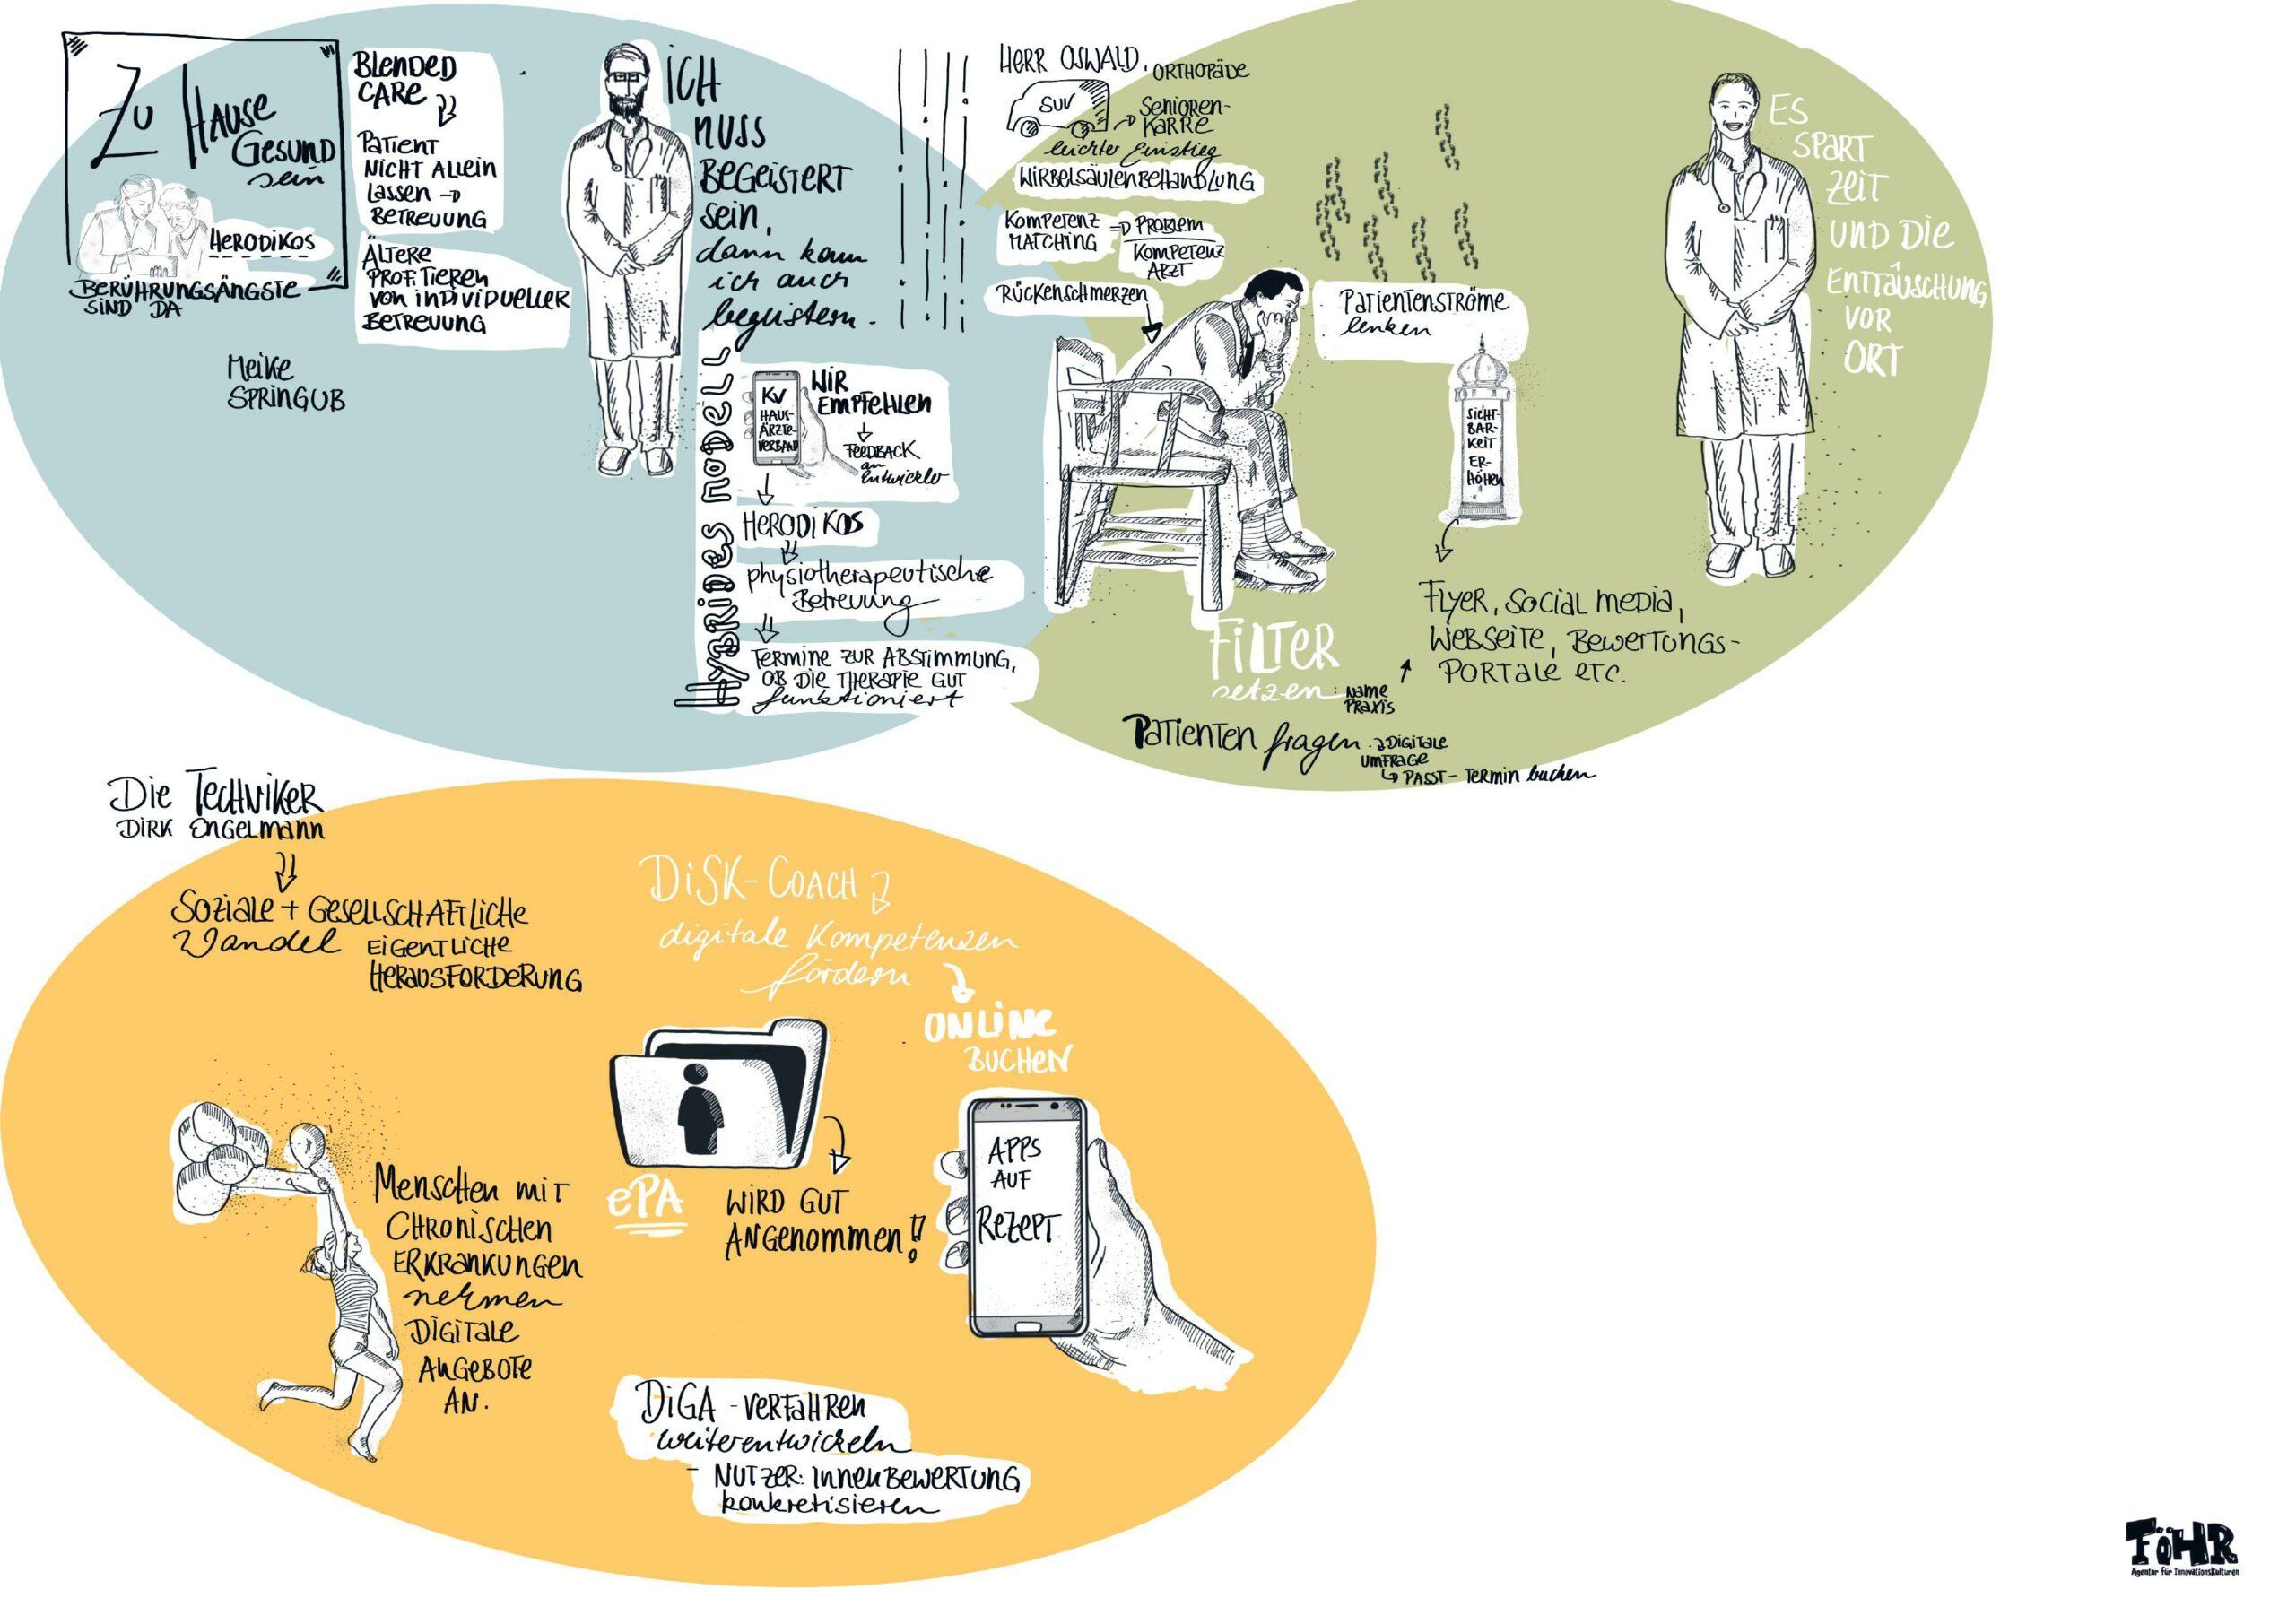 Sketchnote zum Online-Meetup.